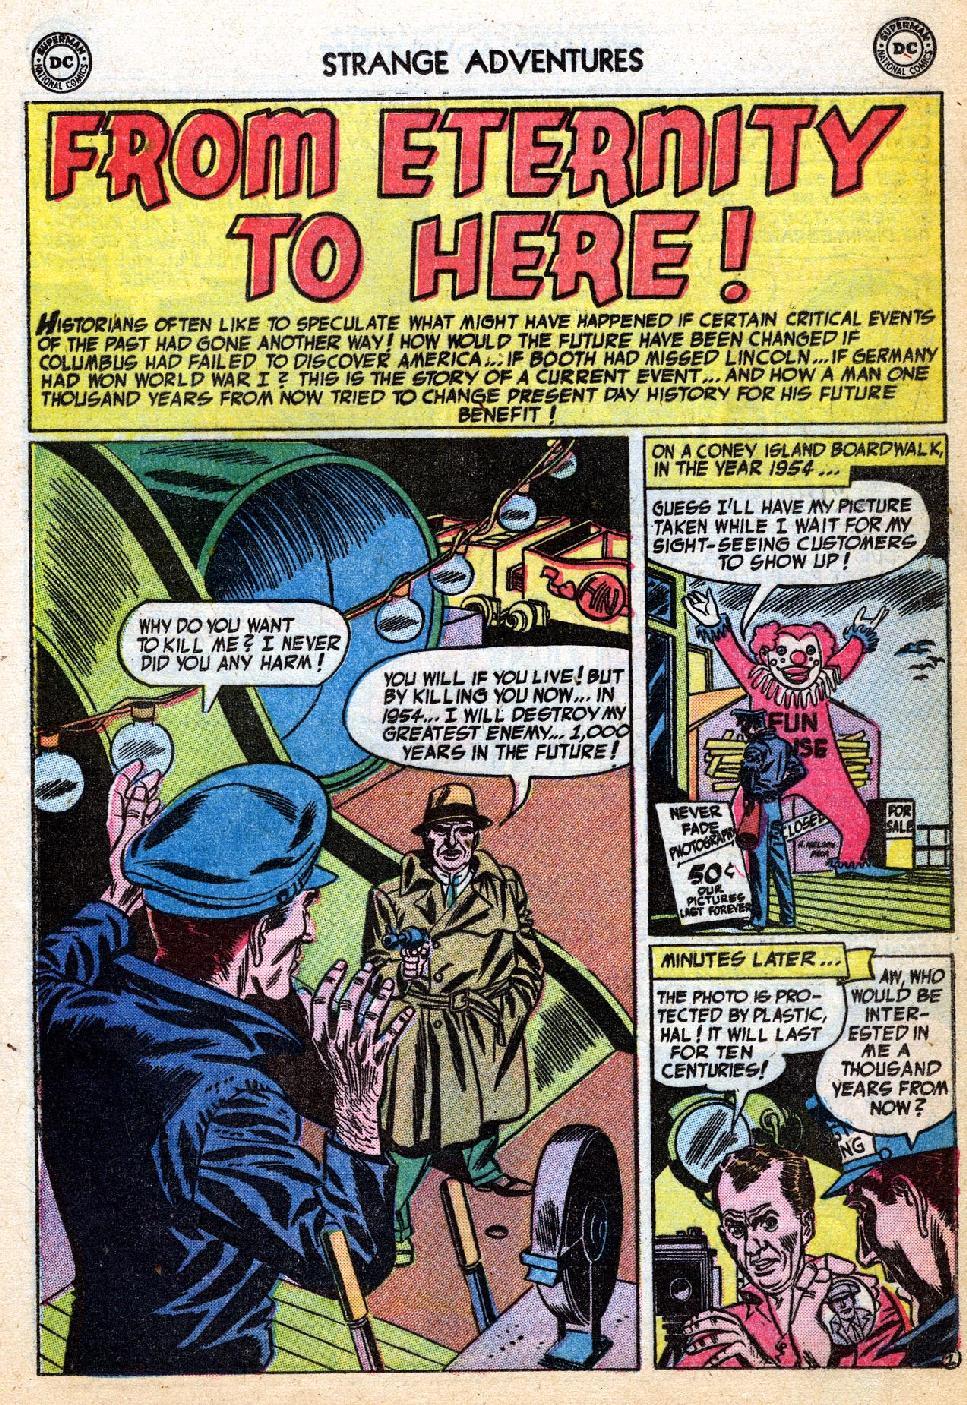 Comic Strange Adventures (1950) issue 40